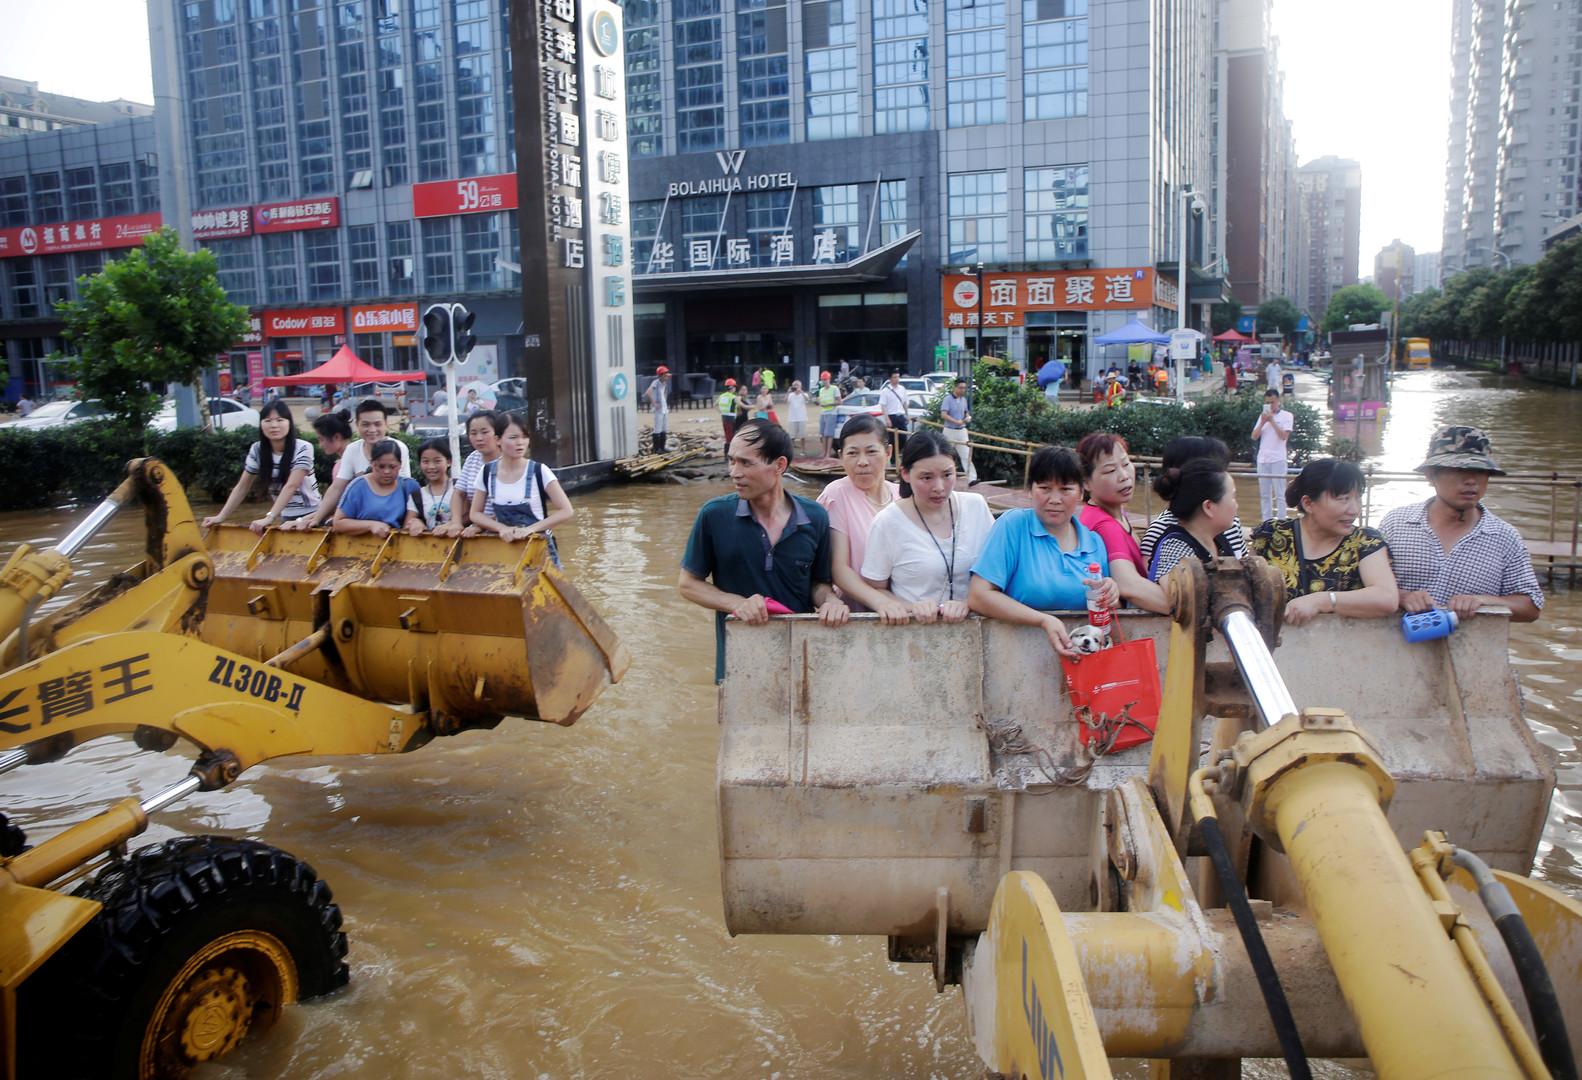 Тайфун в Китае. В затопленном китайском городе Ухань люди добираются до работы в ковшах экскаваторов.